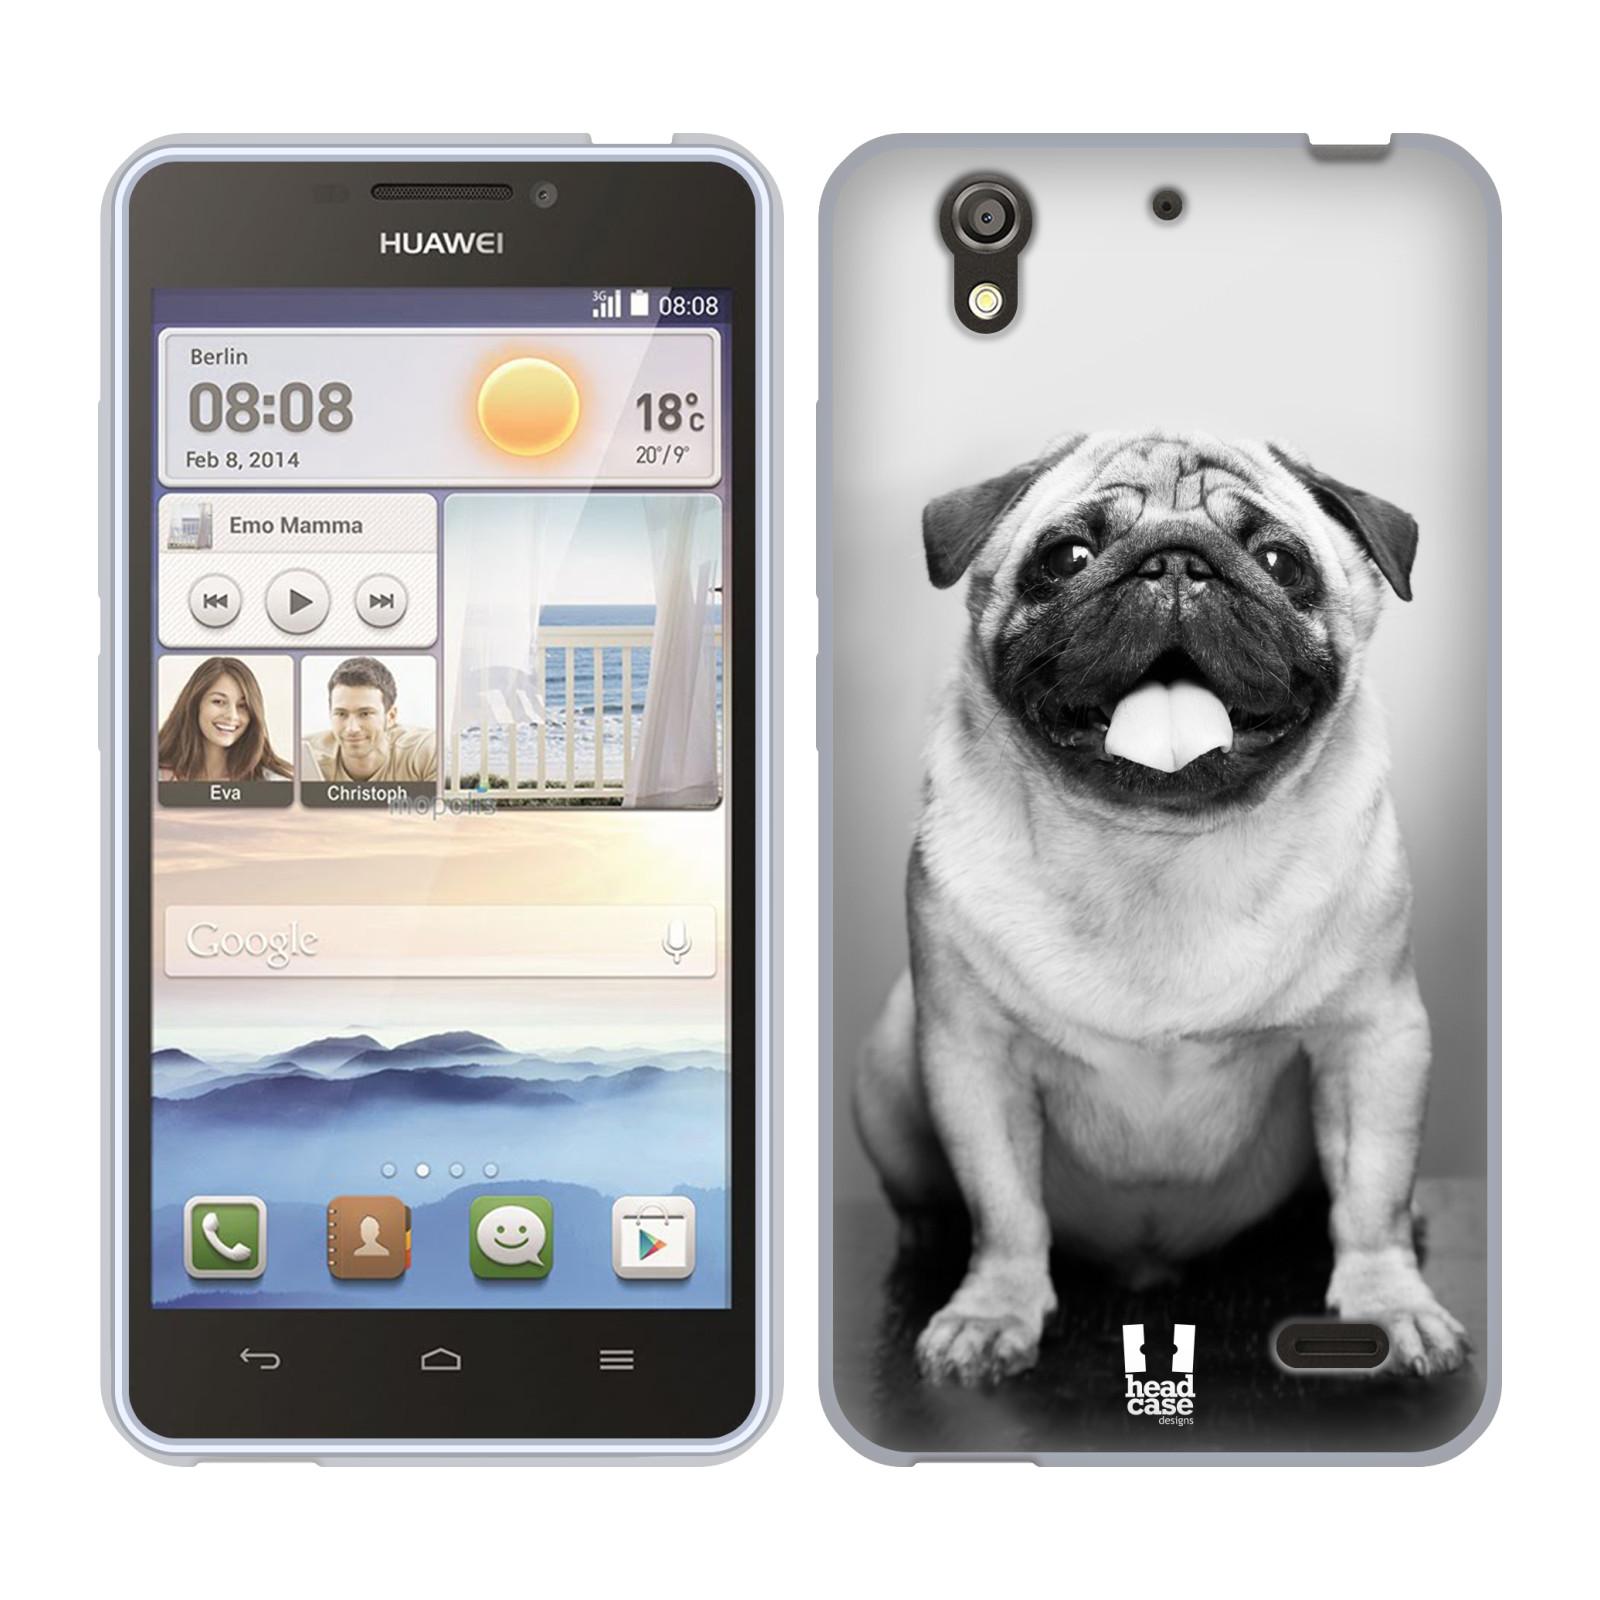 Silikonové pouzdro na mobil Huawei Ascend Y530 HEAD CASE MOPSÍK (Silikonový kryt či obal na mobilní telefon Huawei Ascend Y530)